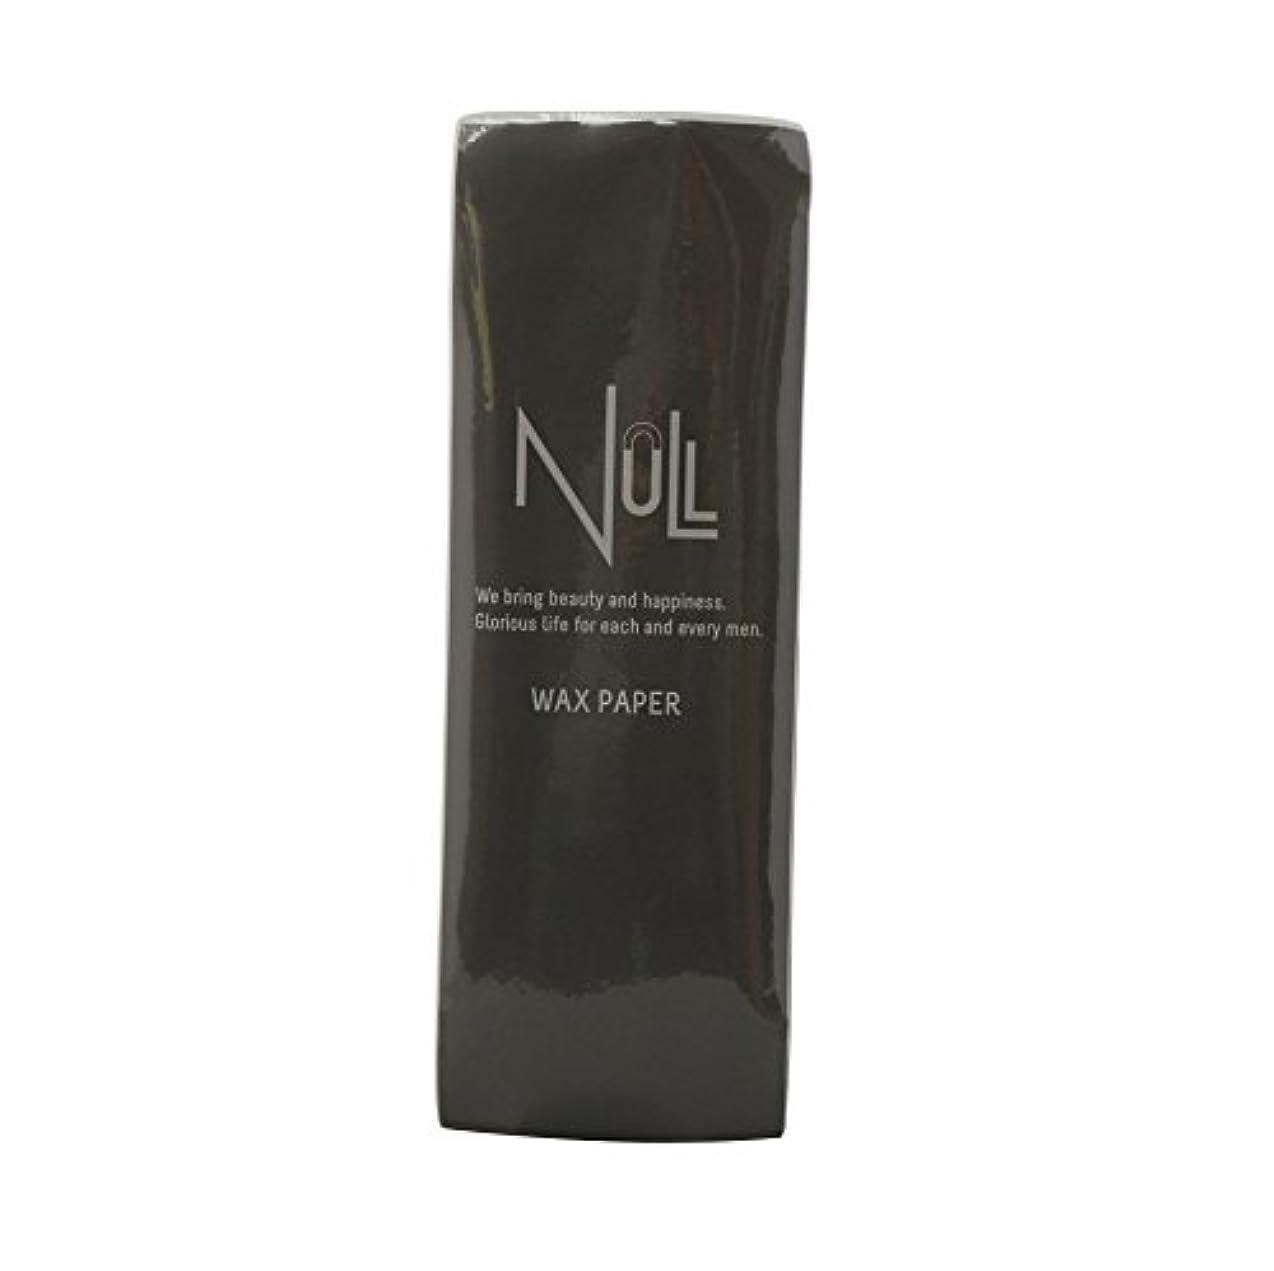 焦がす裏切りゆでるNULL ブラジリアンワックス用ペーパー 100枚入り 70mm幅 ワックス脱毛 専用